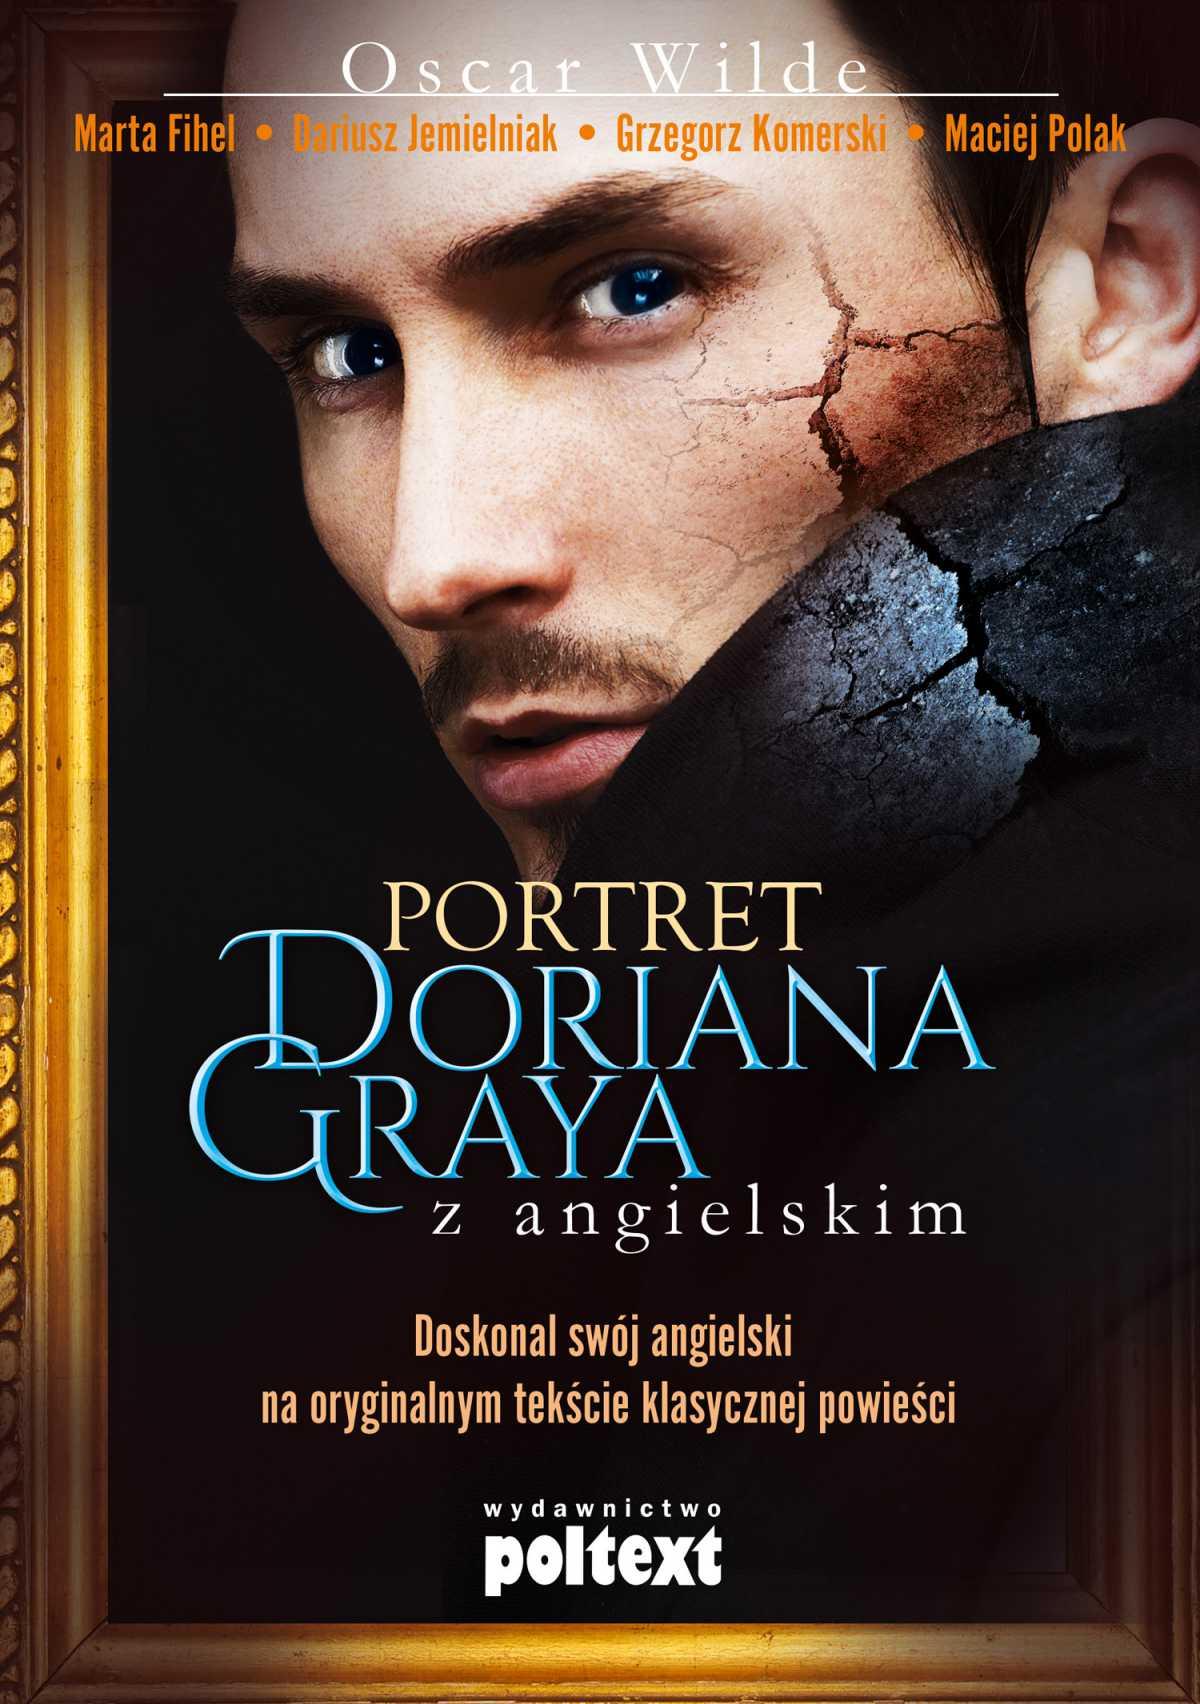 Portret Doriana Greya z angielskim - Ebook (Książka EPUB) do pobrania w formacie EPUB